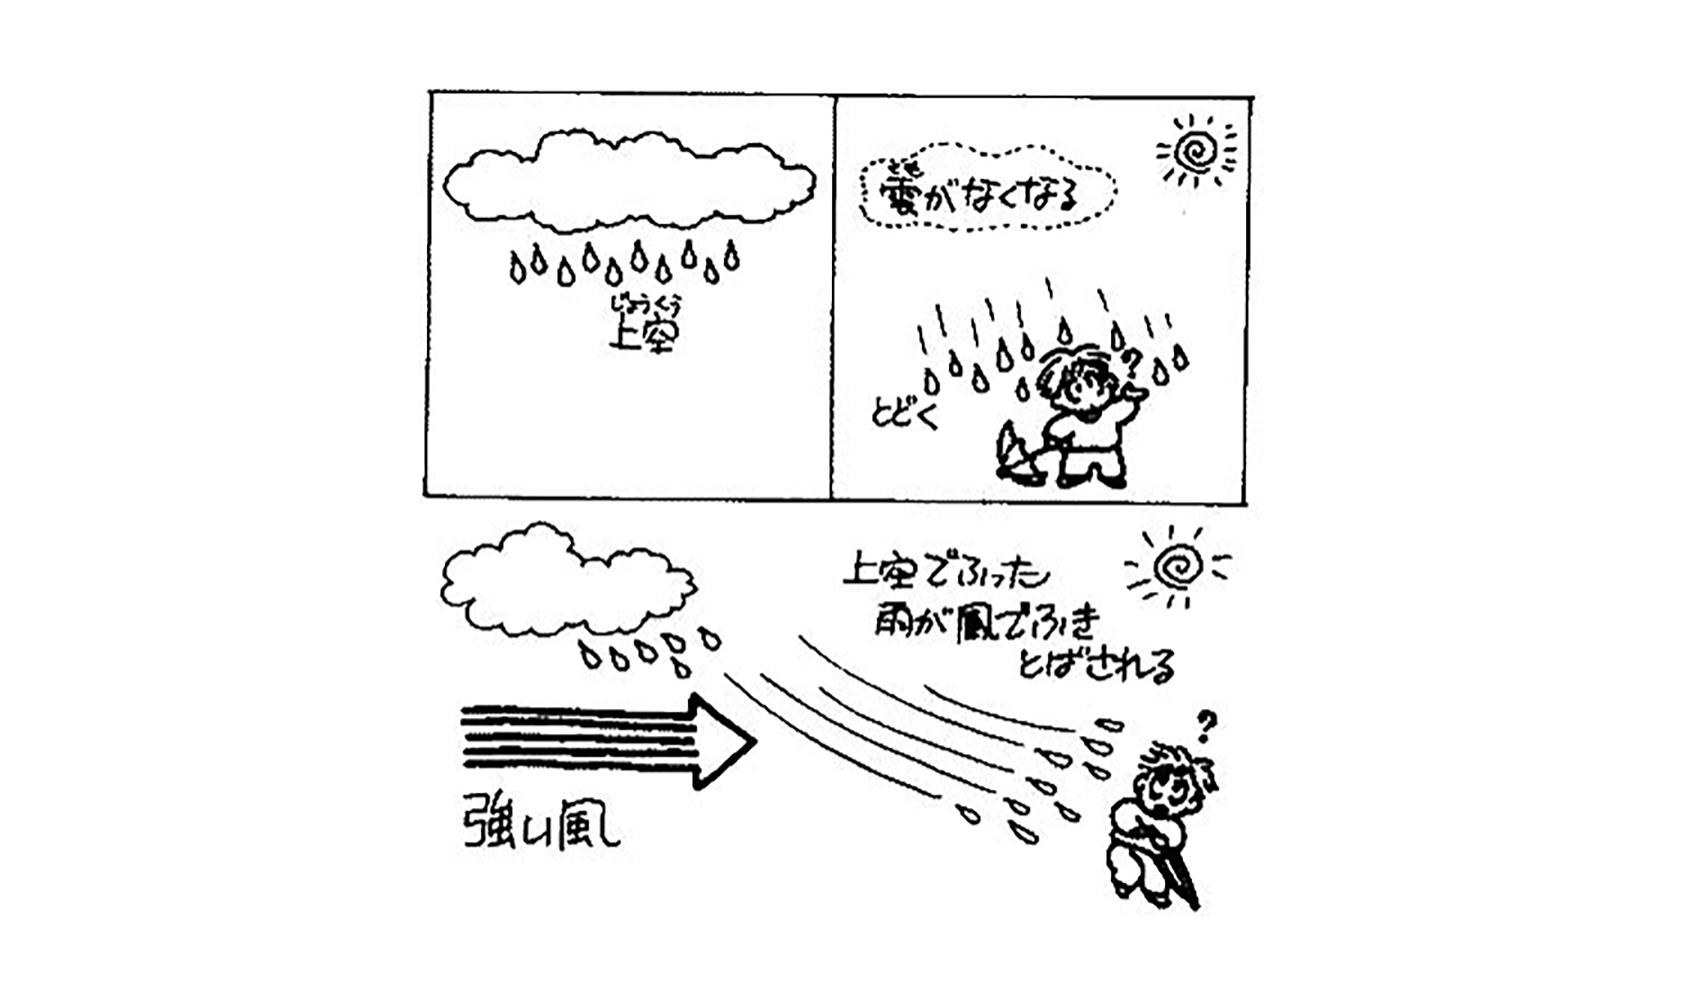 太陽が出てるのにどうして雨がふるの,天気雨はどうしてふるの